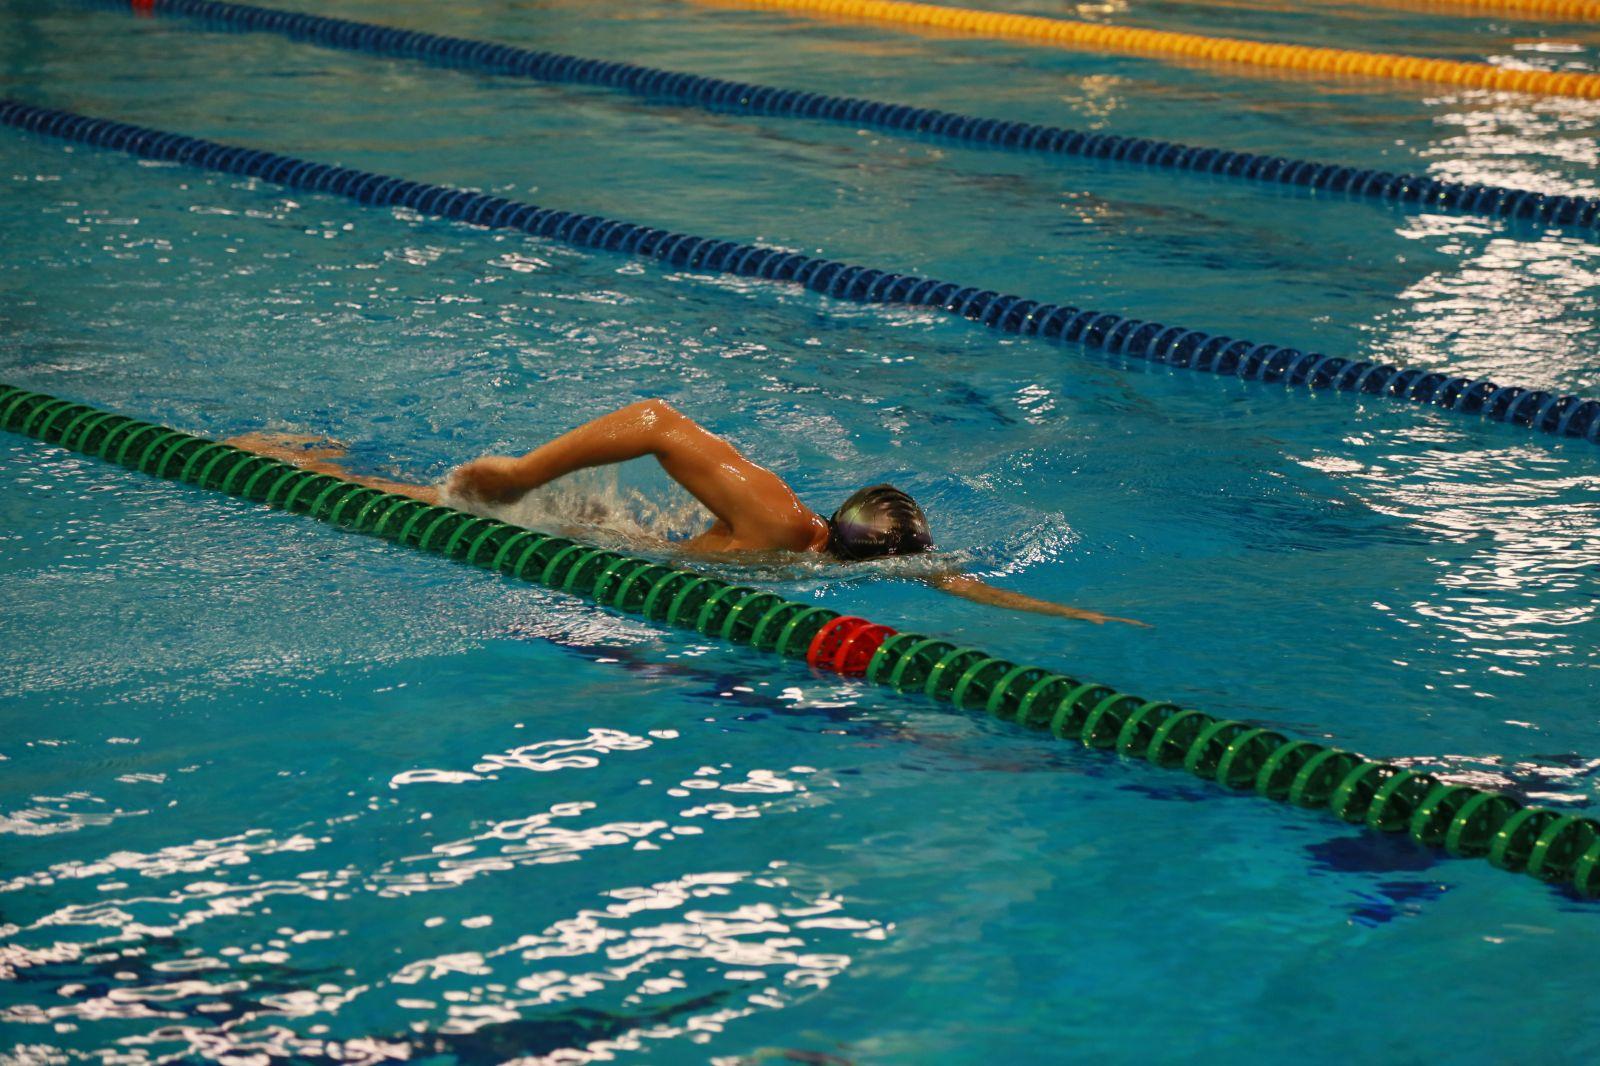 Сборная Республики Башкортостан выиграла командный зачет Кубка России по плаванию спорта лиц с ПОДА, прошедшего в Салавате